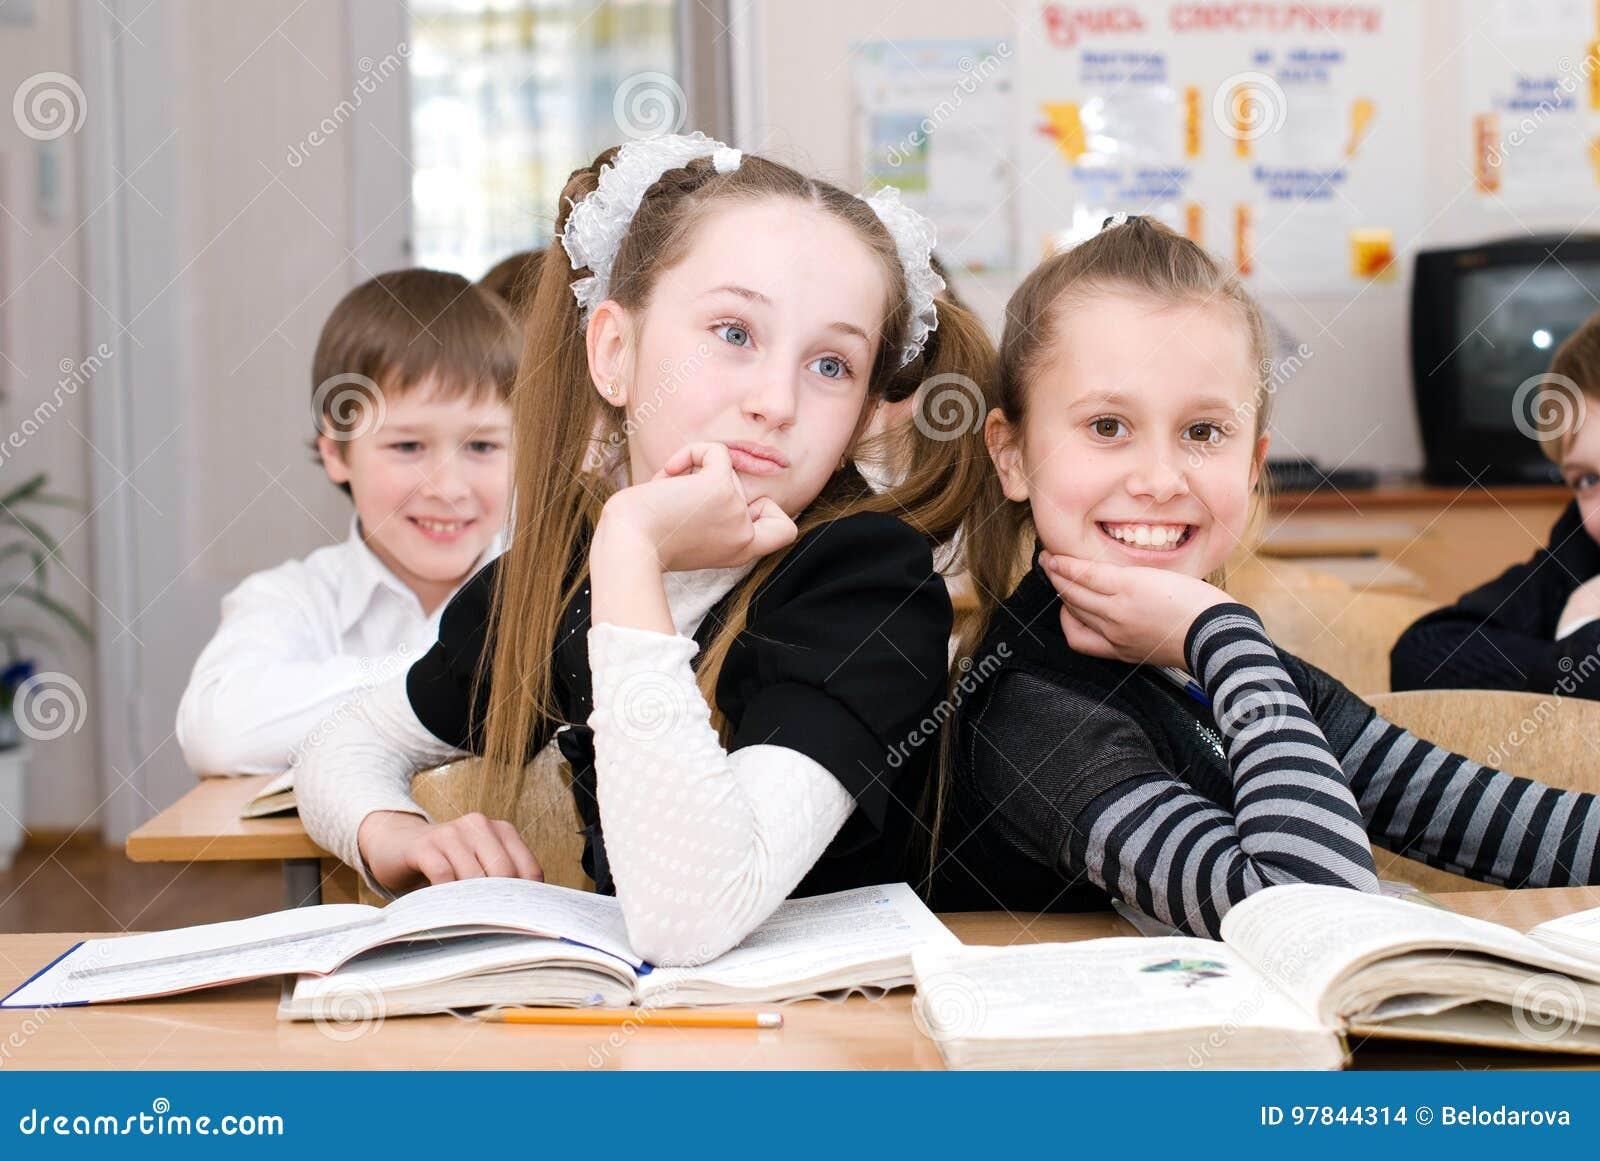 Conceito da educação - eduque estudantes na classe